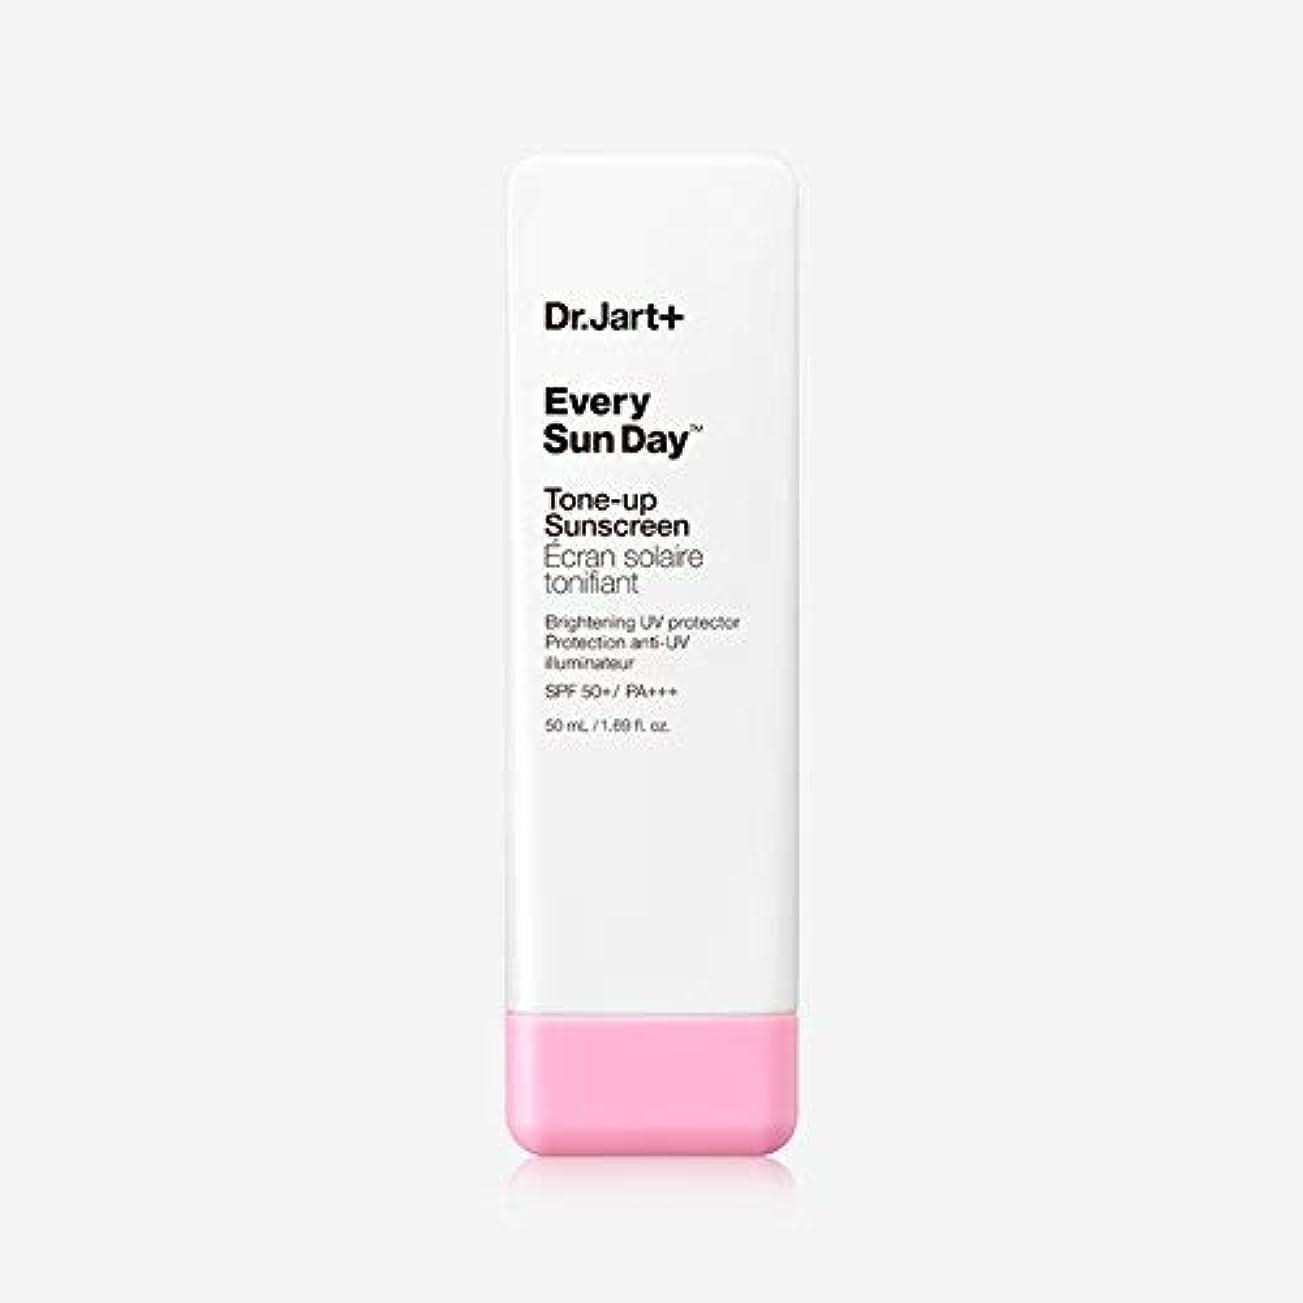 ねばねば暖かさ刺しますDr.Jart+ Every Sun Day Tone-up Sunscreen SPF50+ PA+++ 50ml / ドクタージャルトゥエヴリサンデートーンアップサンスクリーンSPF50+PA+++50ml [並行輸入品]